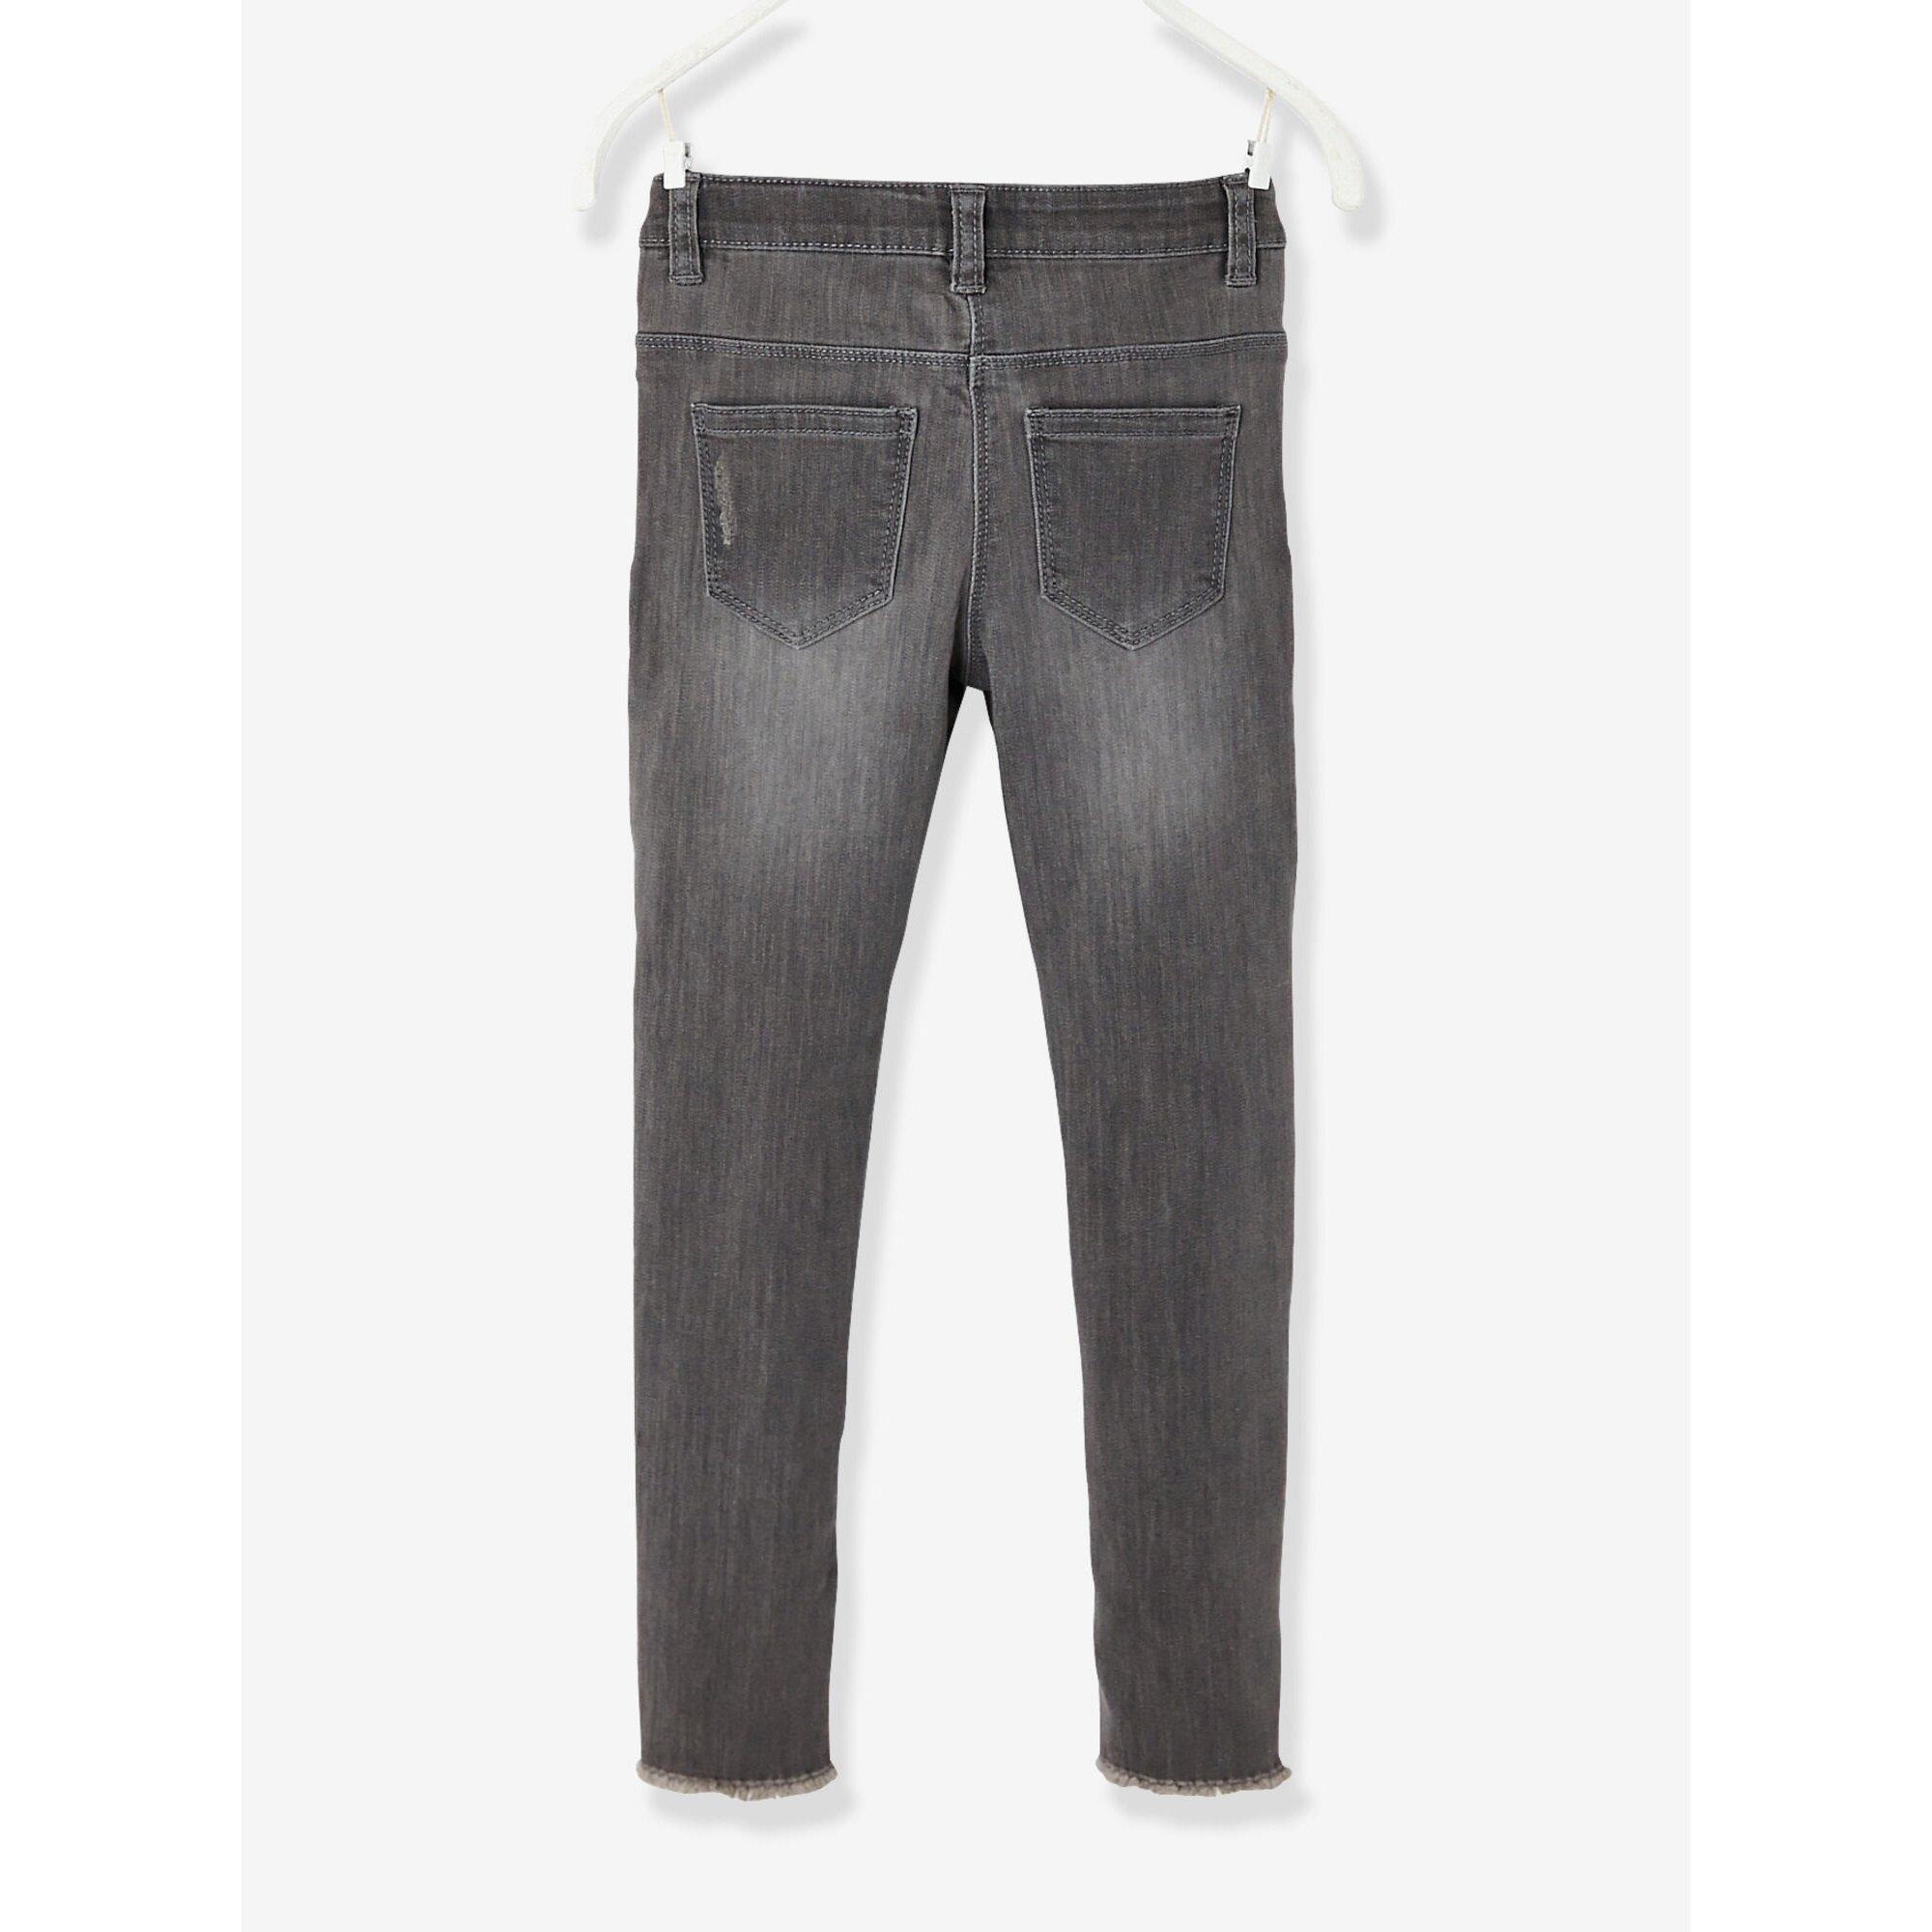 vertbaudet-stretch-jeans-fur-madchen-skinny